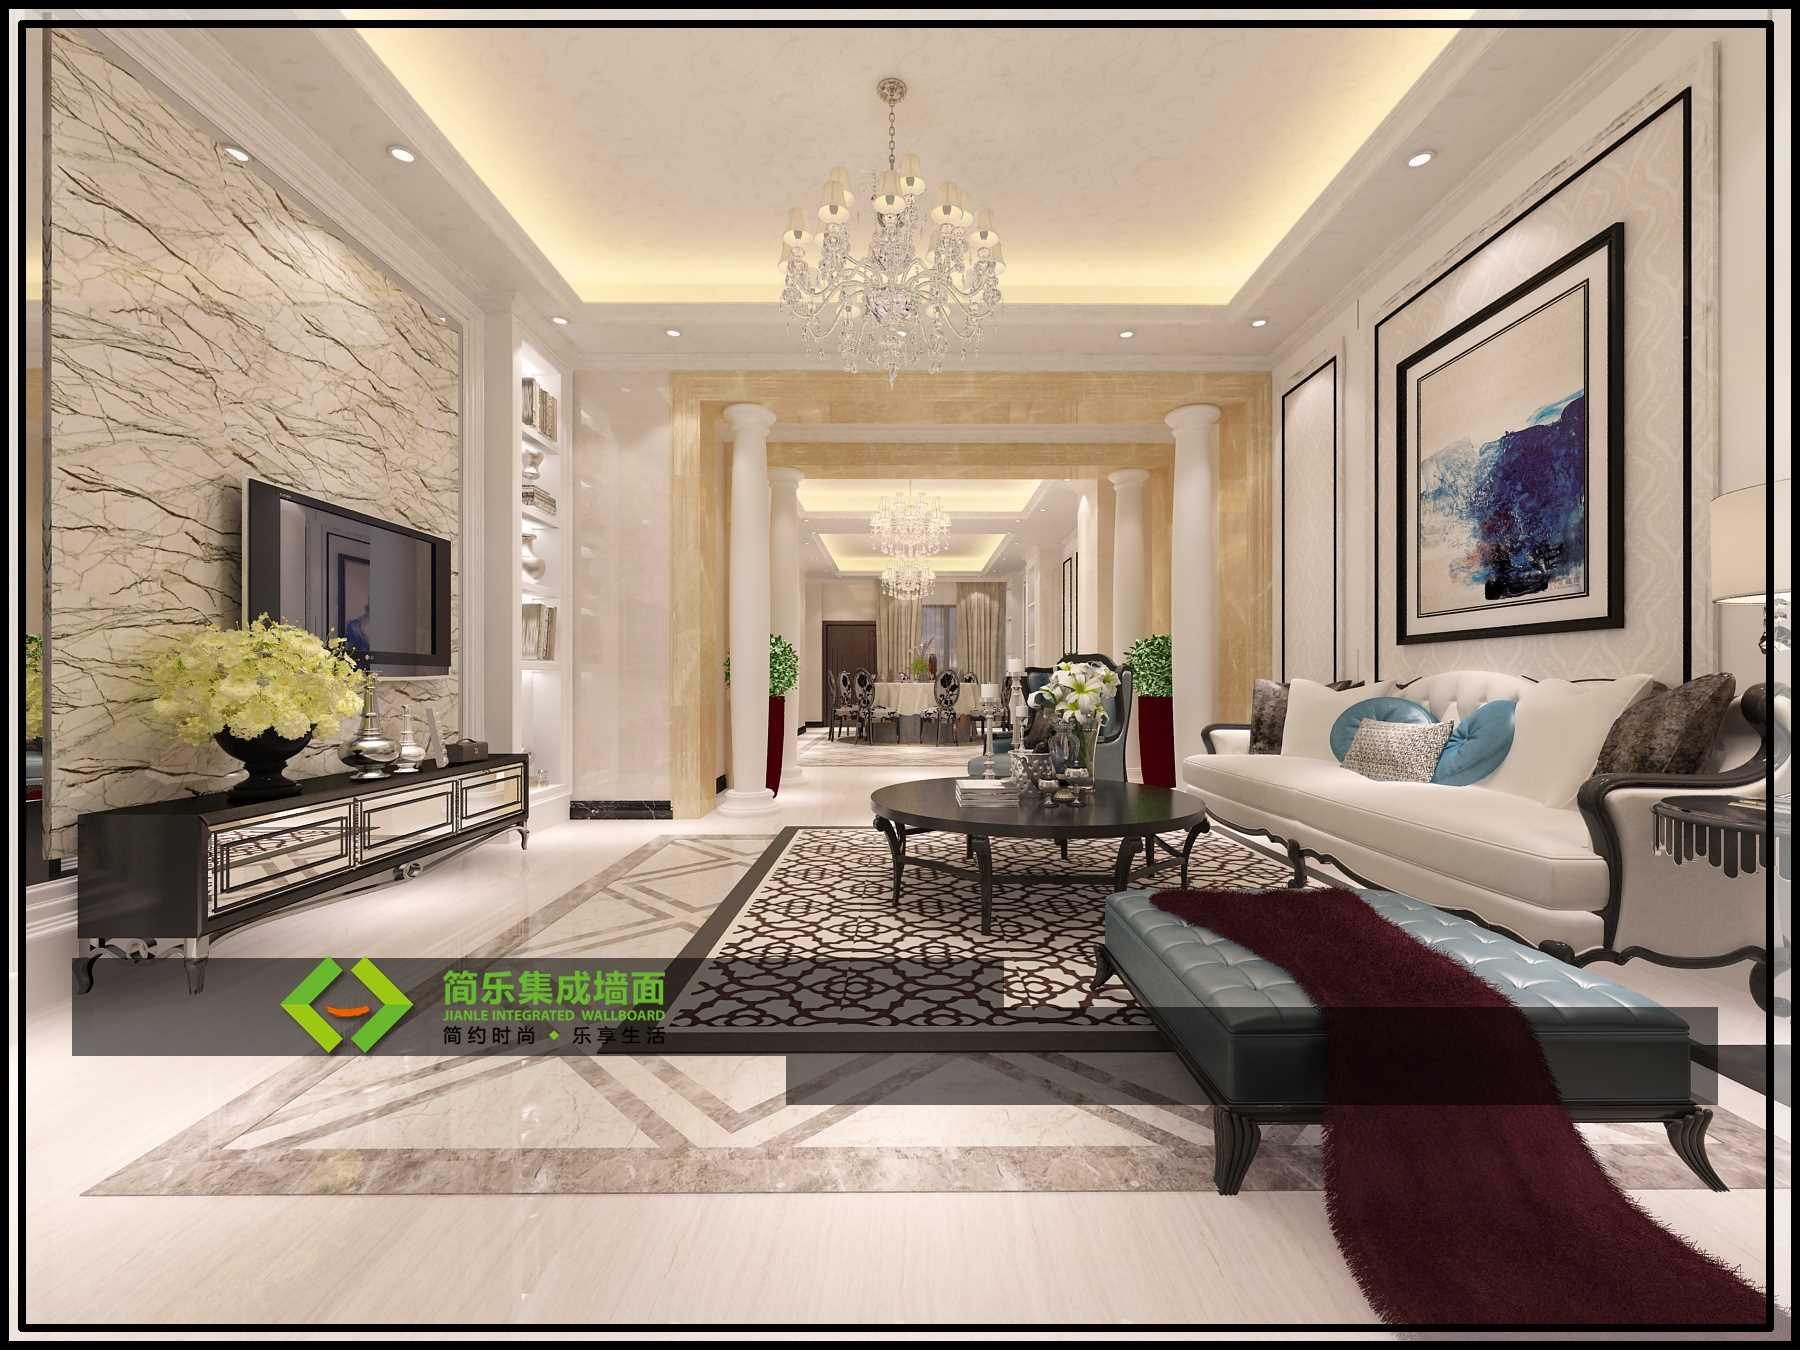 在装修过程中,集成墙面是直接拼装在墙面,不铲墙,免漆,免粘合剂,更不